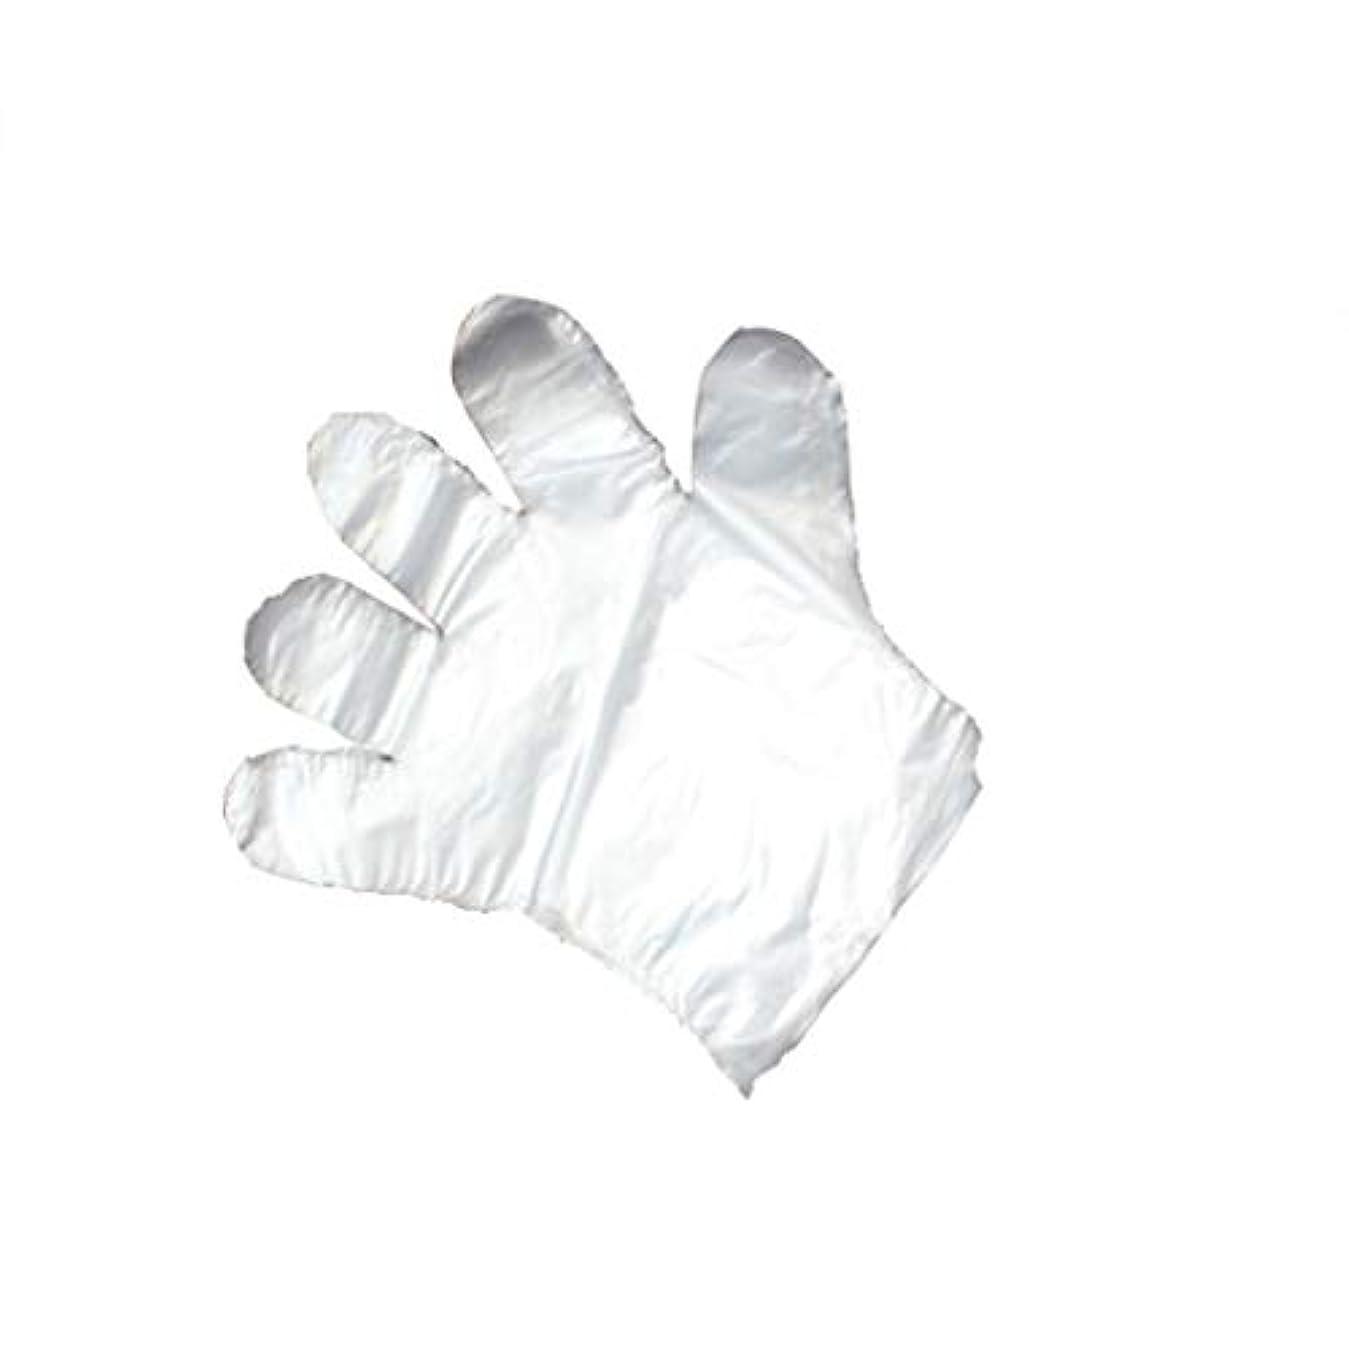 不器用あいまいなモバイル手袋、使い捨て手袋、透明な肥厚、美しさ、家庭掃除、手袋、白、透明、5パック、500袋。 (UnitCount : 1000)